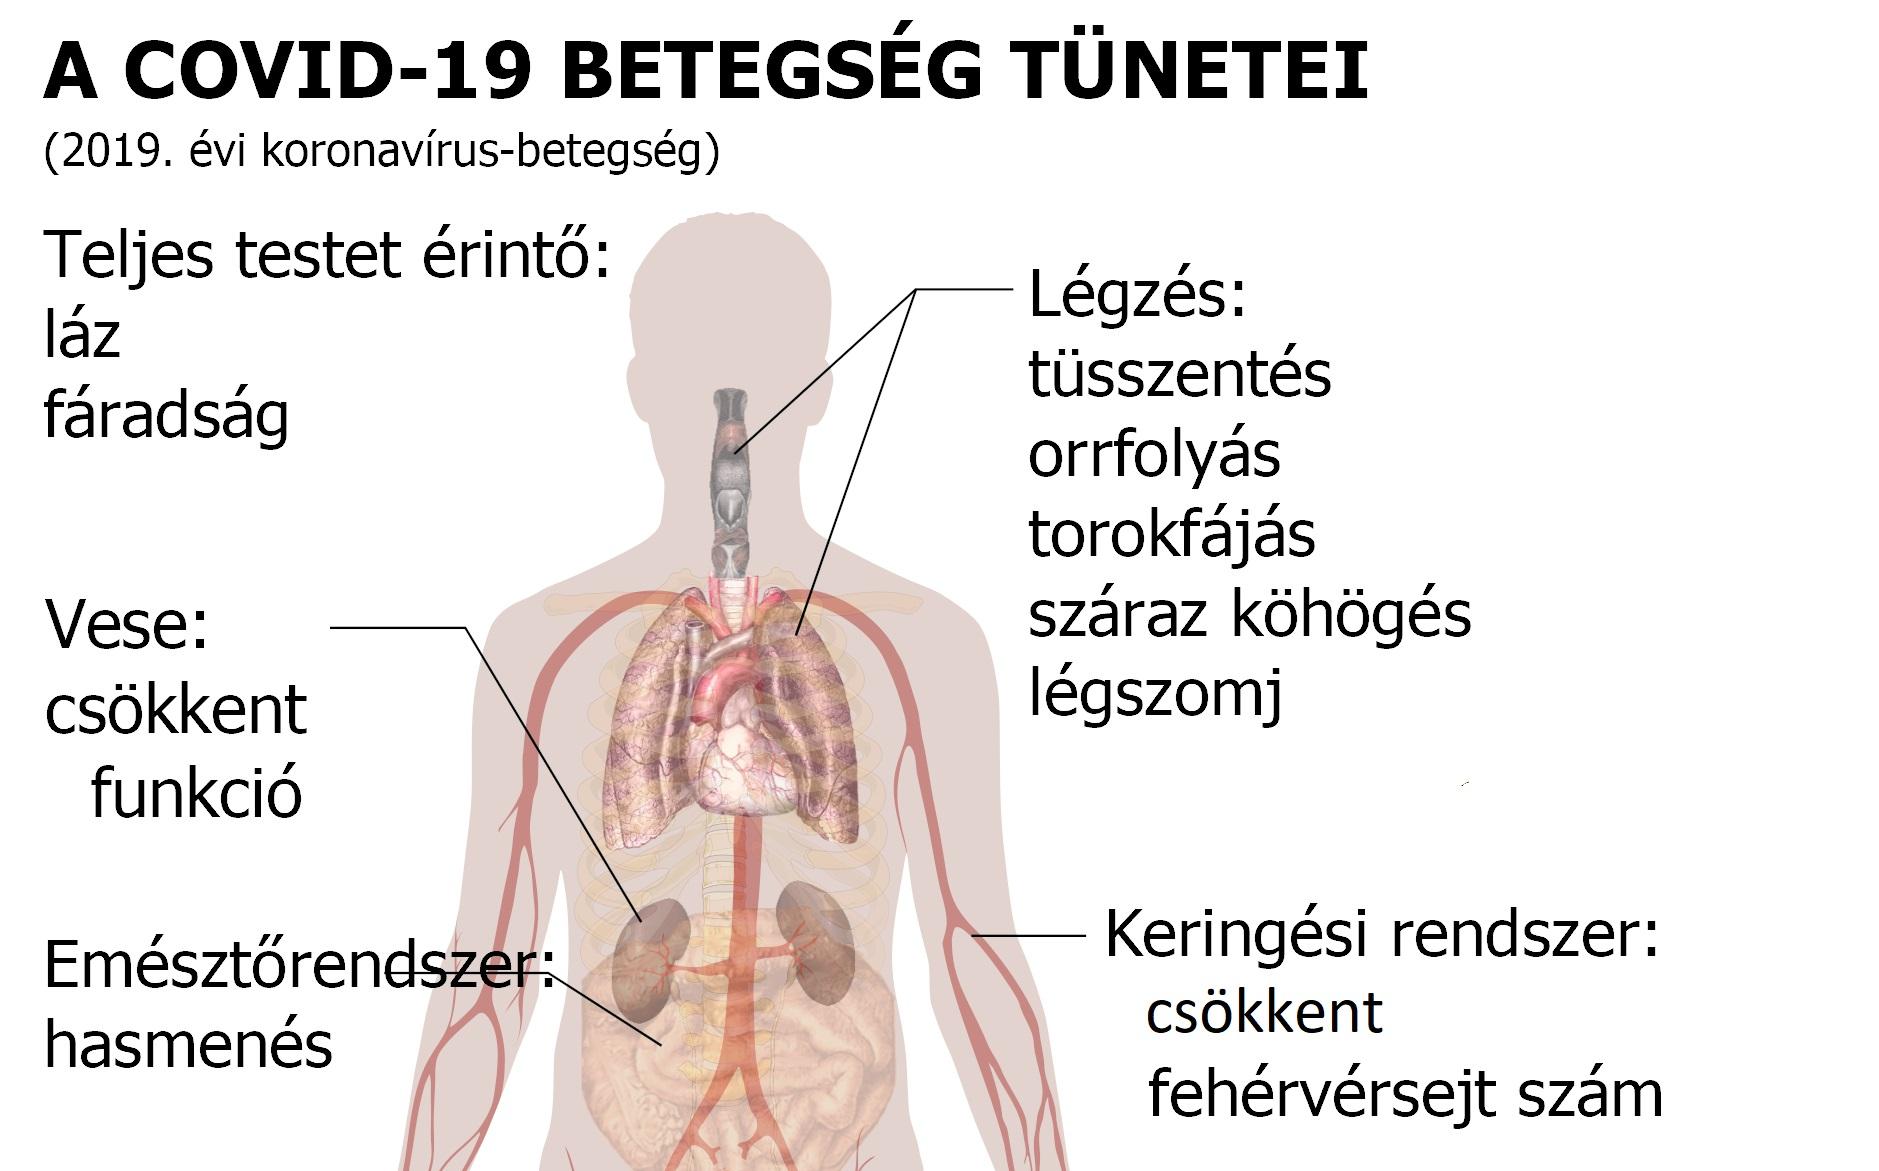 condyloma urethritis papillon zeugma belek étel